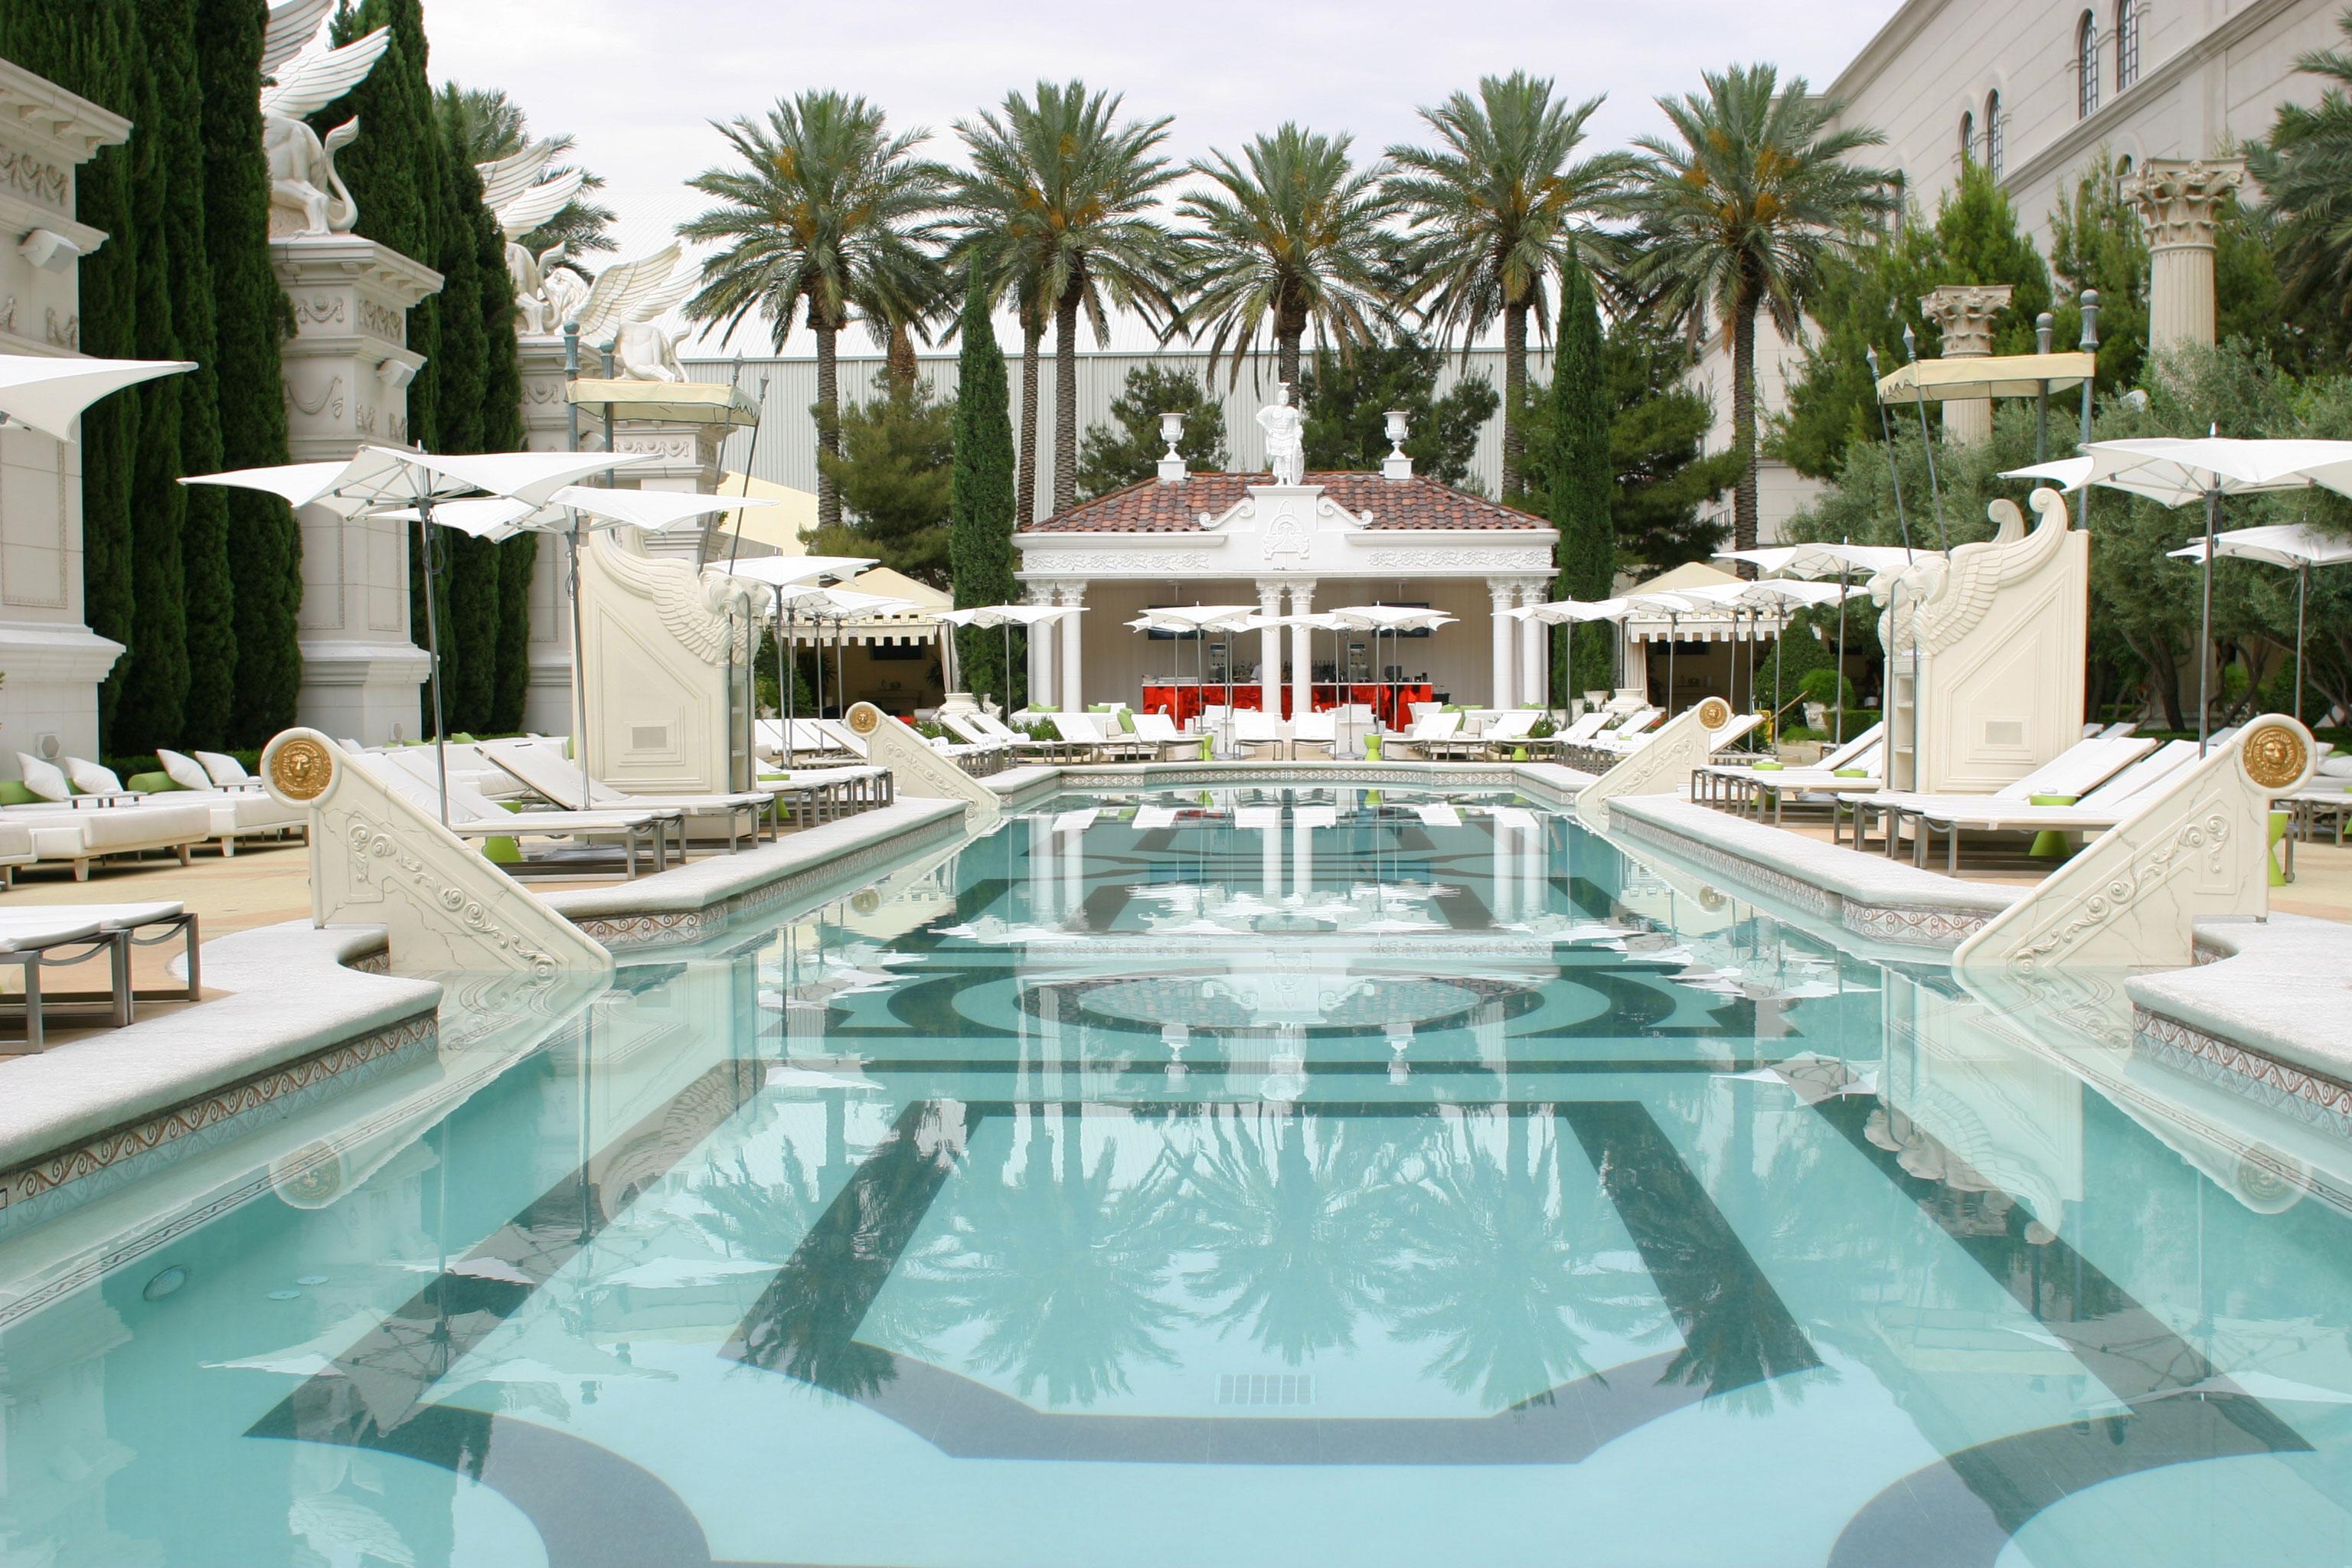 caesars palace online casino domino wetten